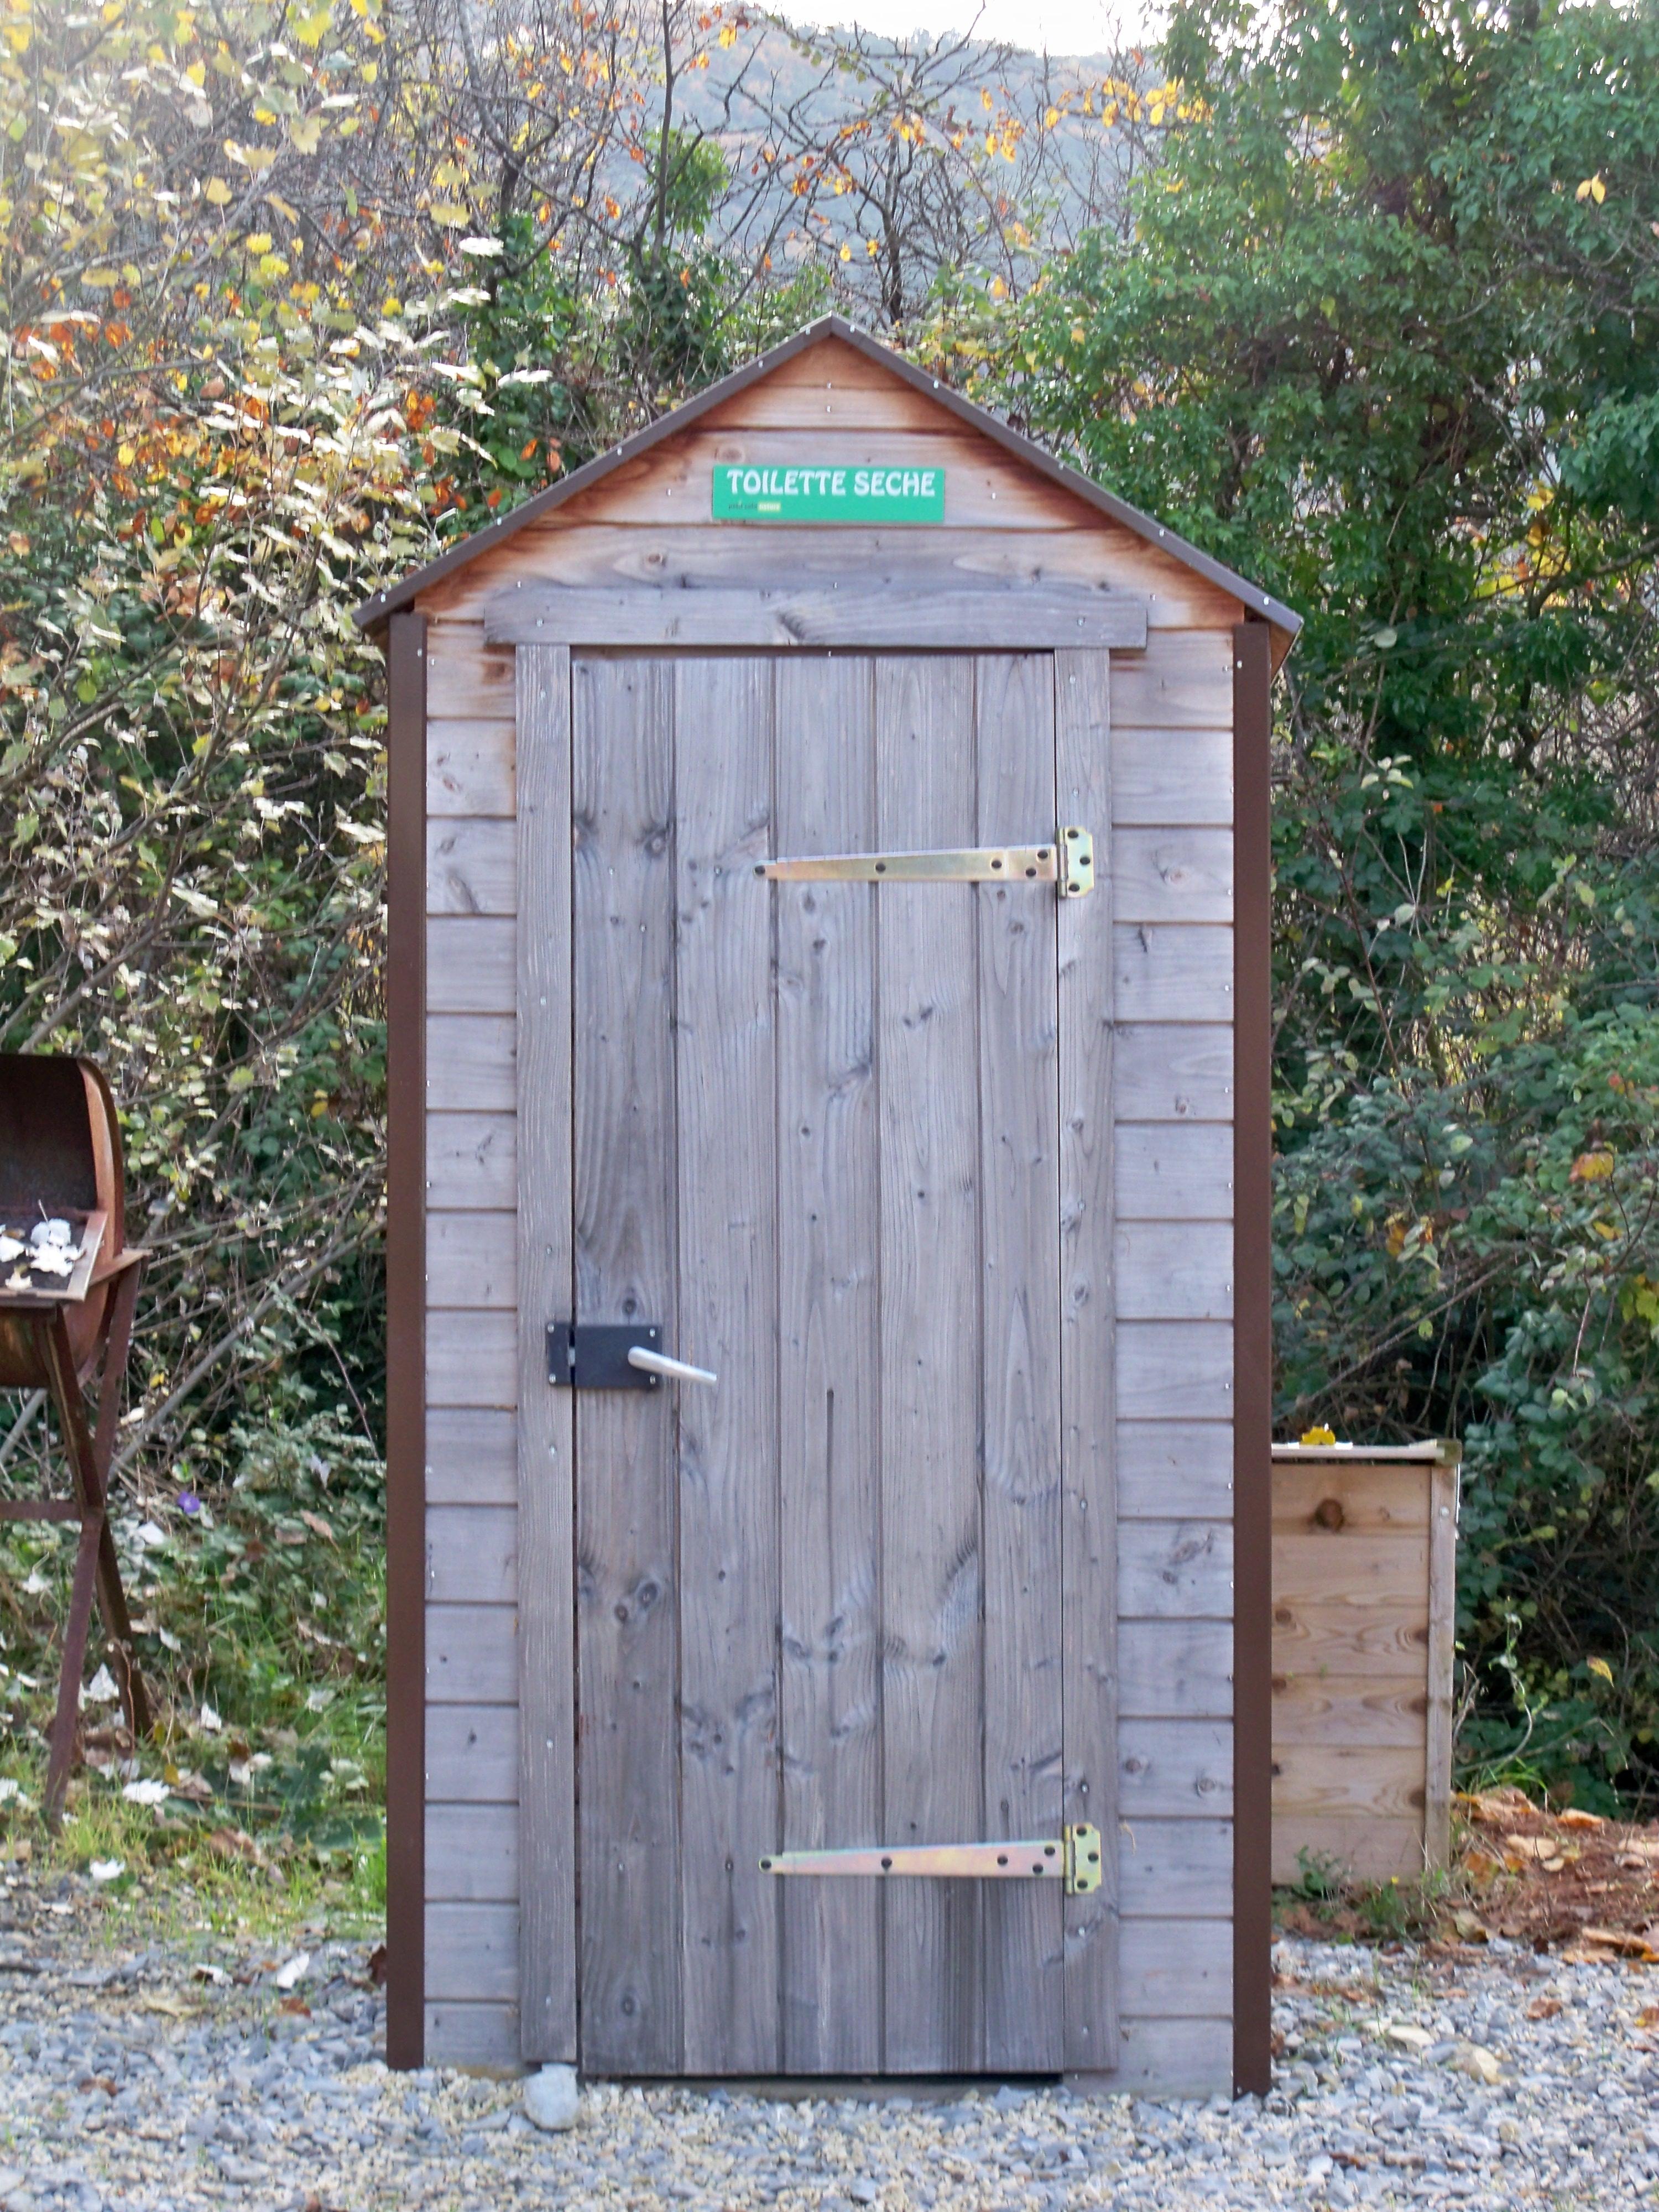 Toilette Gain De Place file:chateauneuf de bordette - toilette sèche